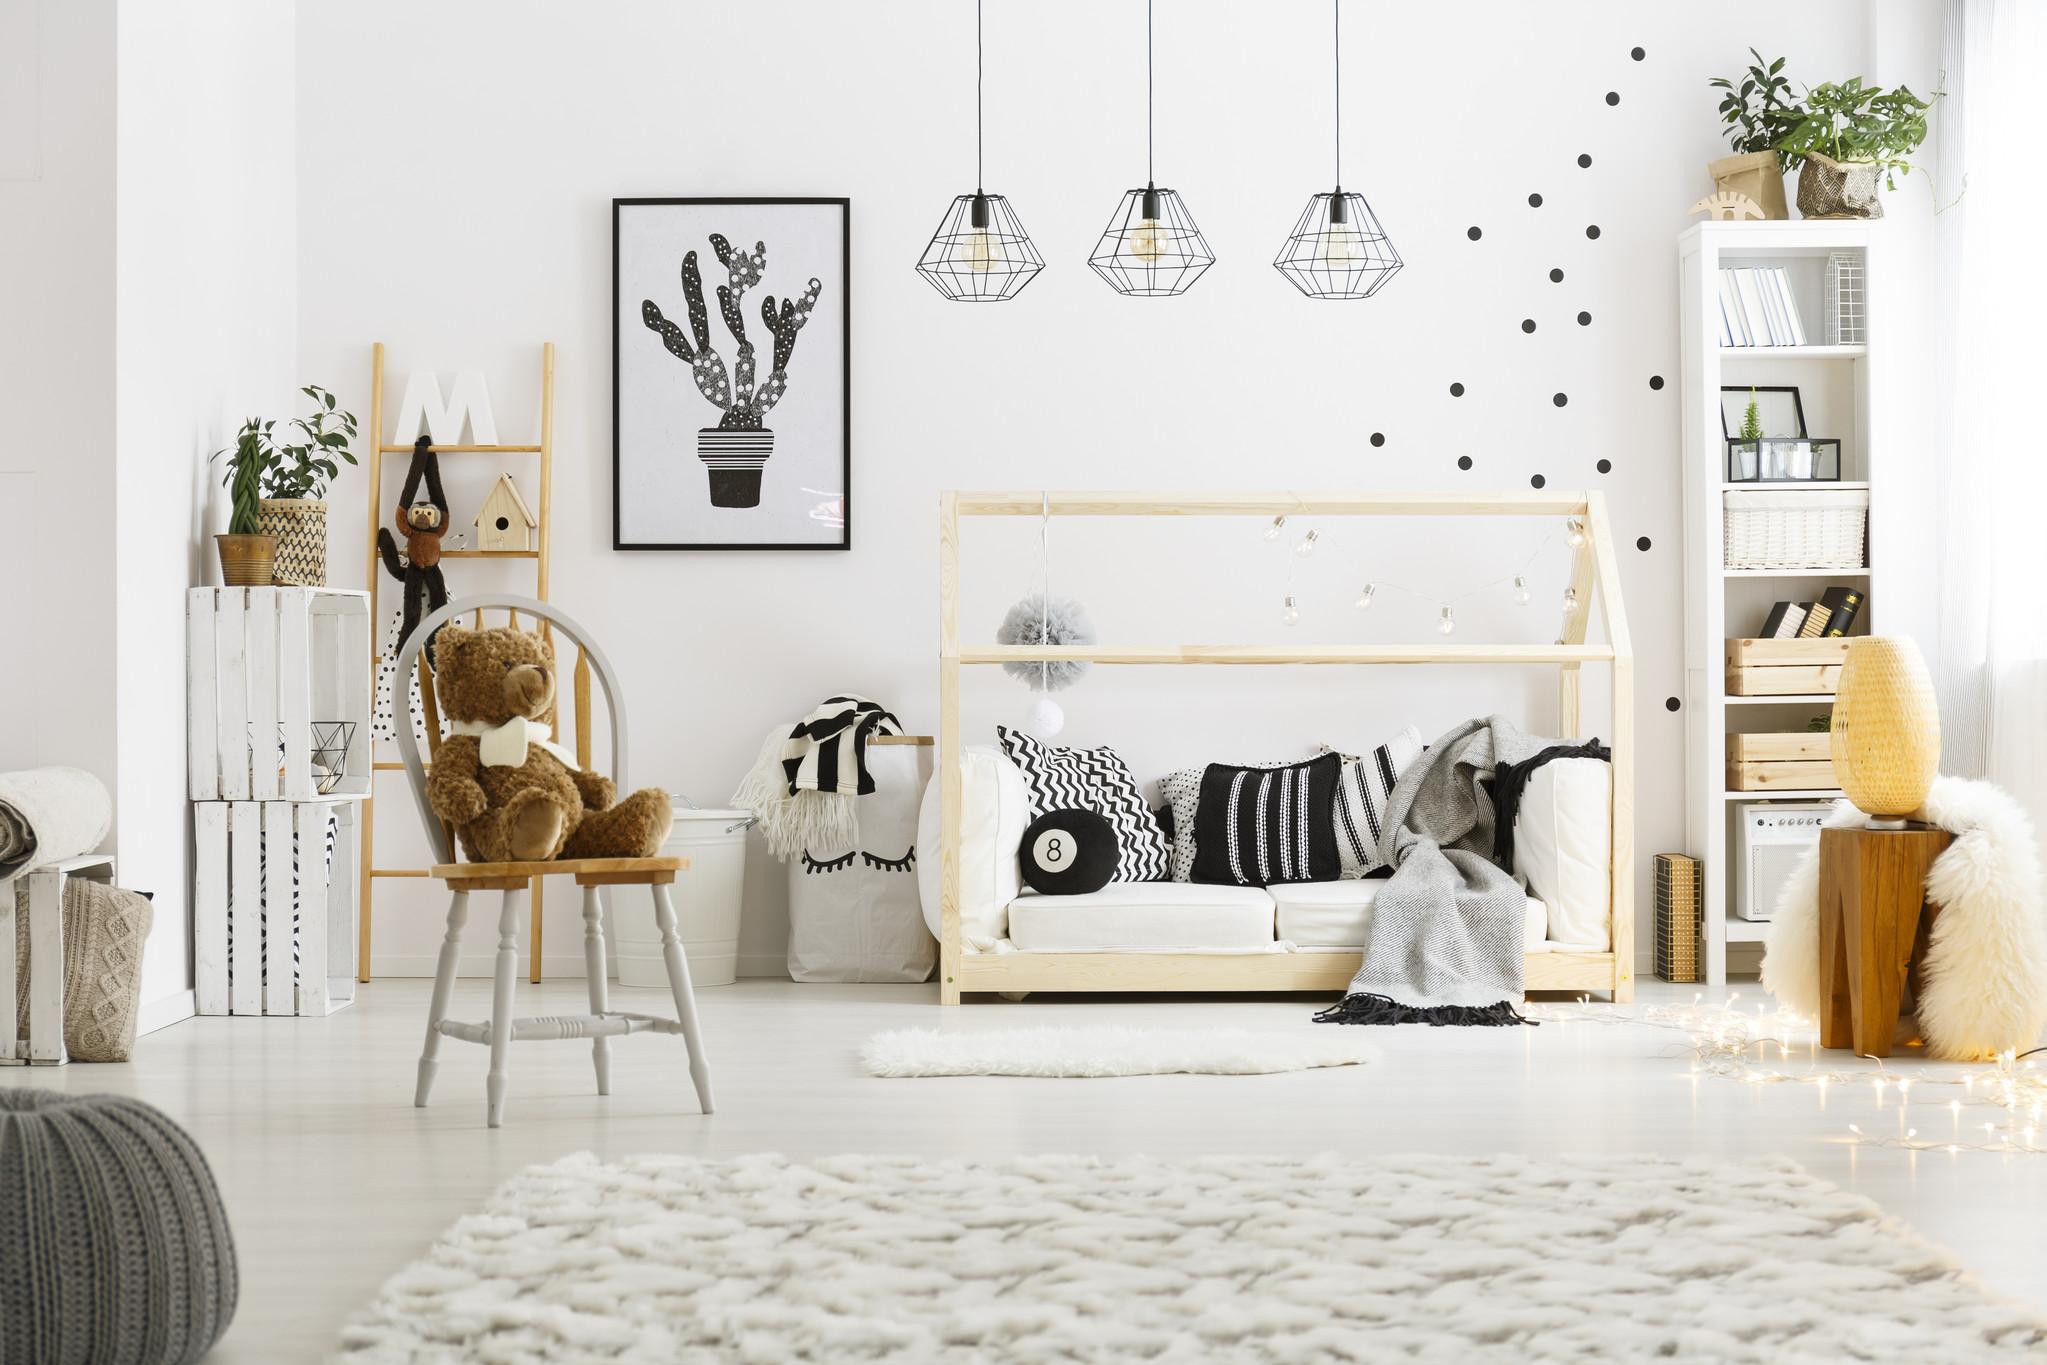 Lamp Kinderkamer Design : Kinderkamerverlichting atotzled.nl a tot z led